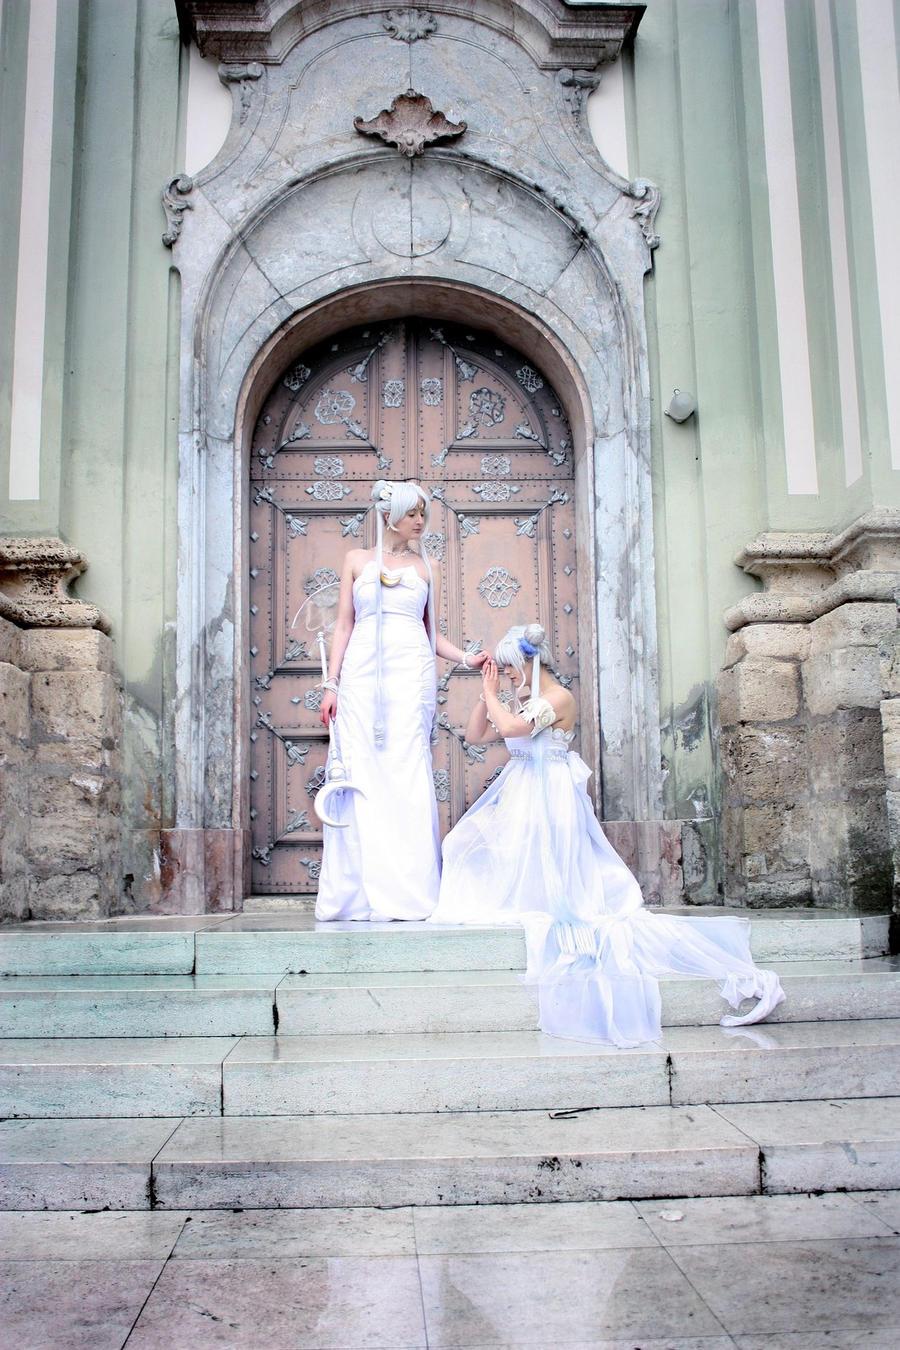 Queen and Princess - dutifulness by Shizuku-Seijaku